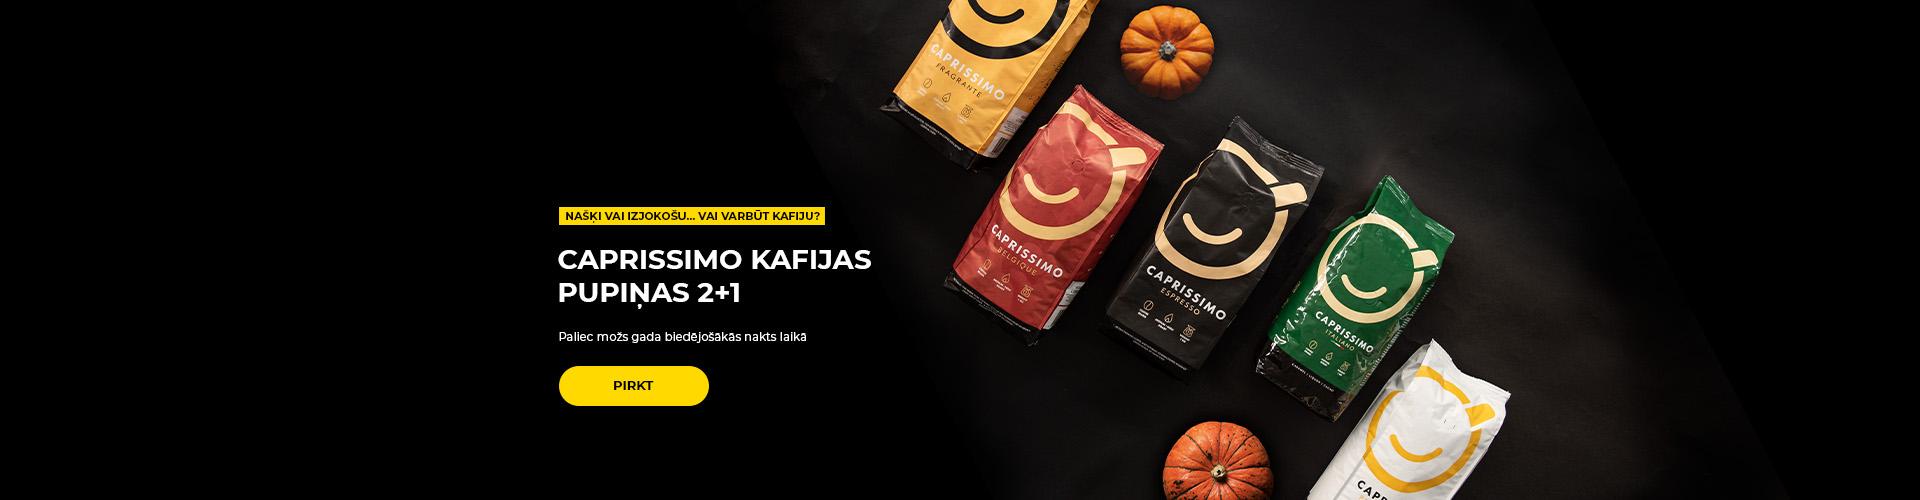 Caprissimo kafijas pupiņas 2+1